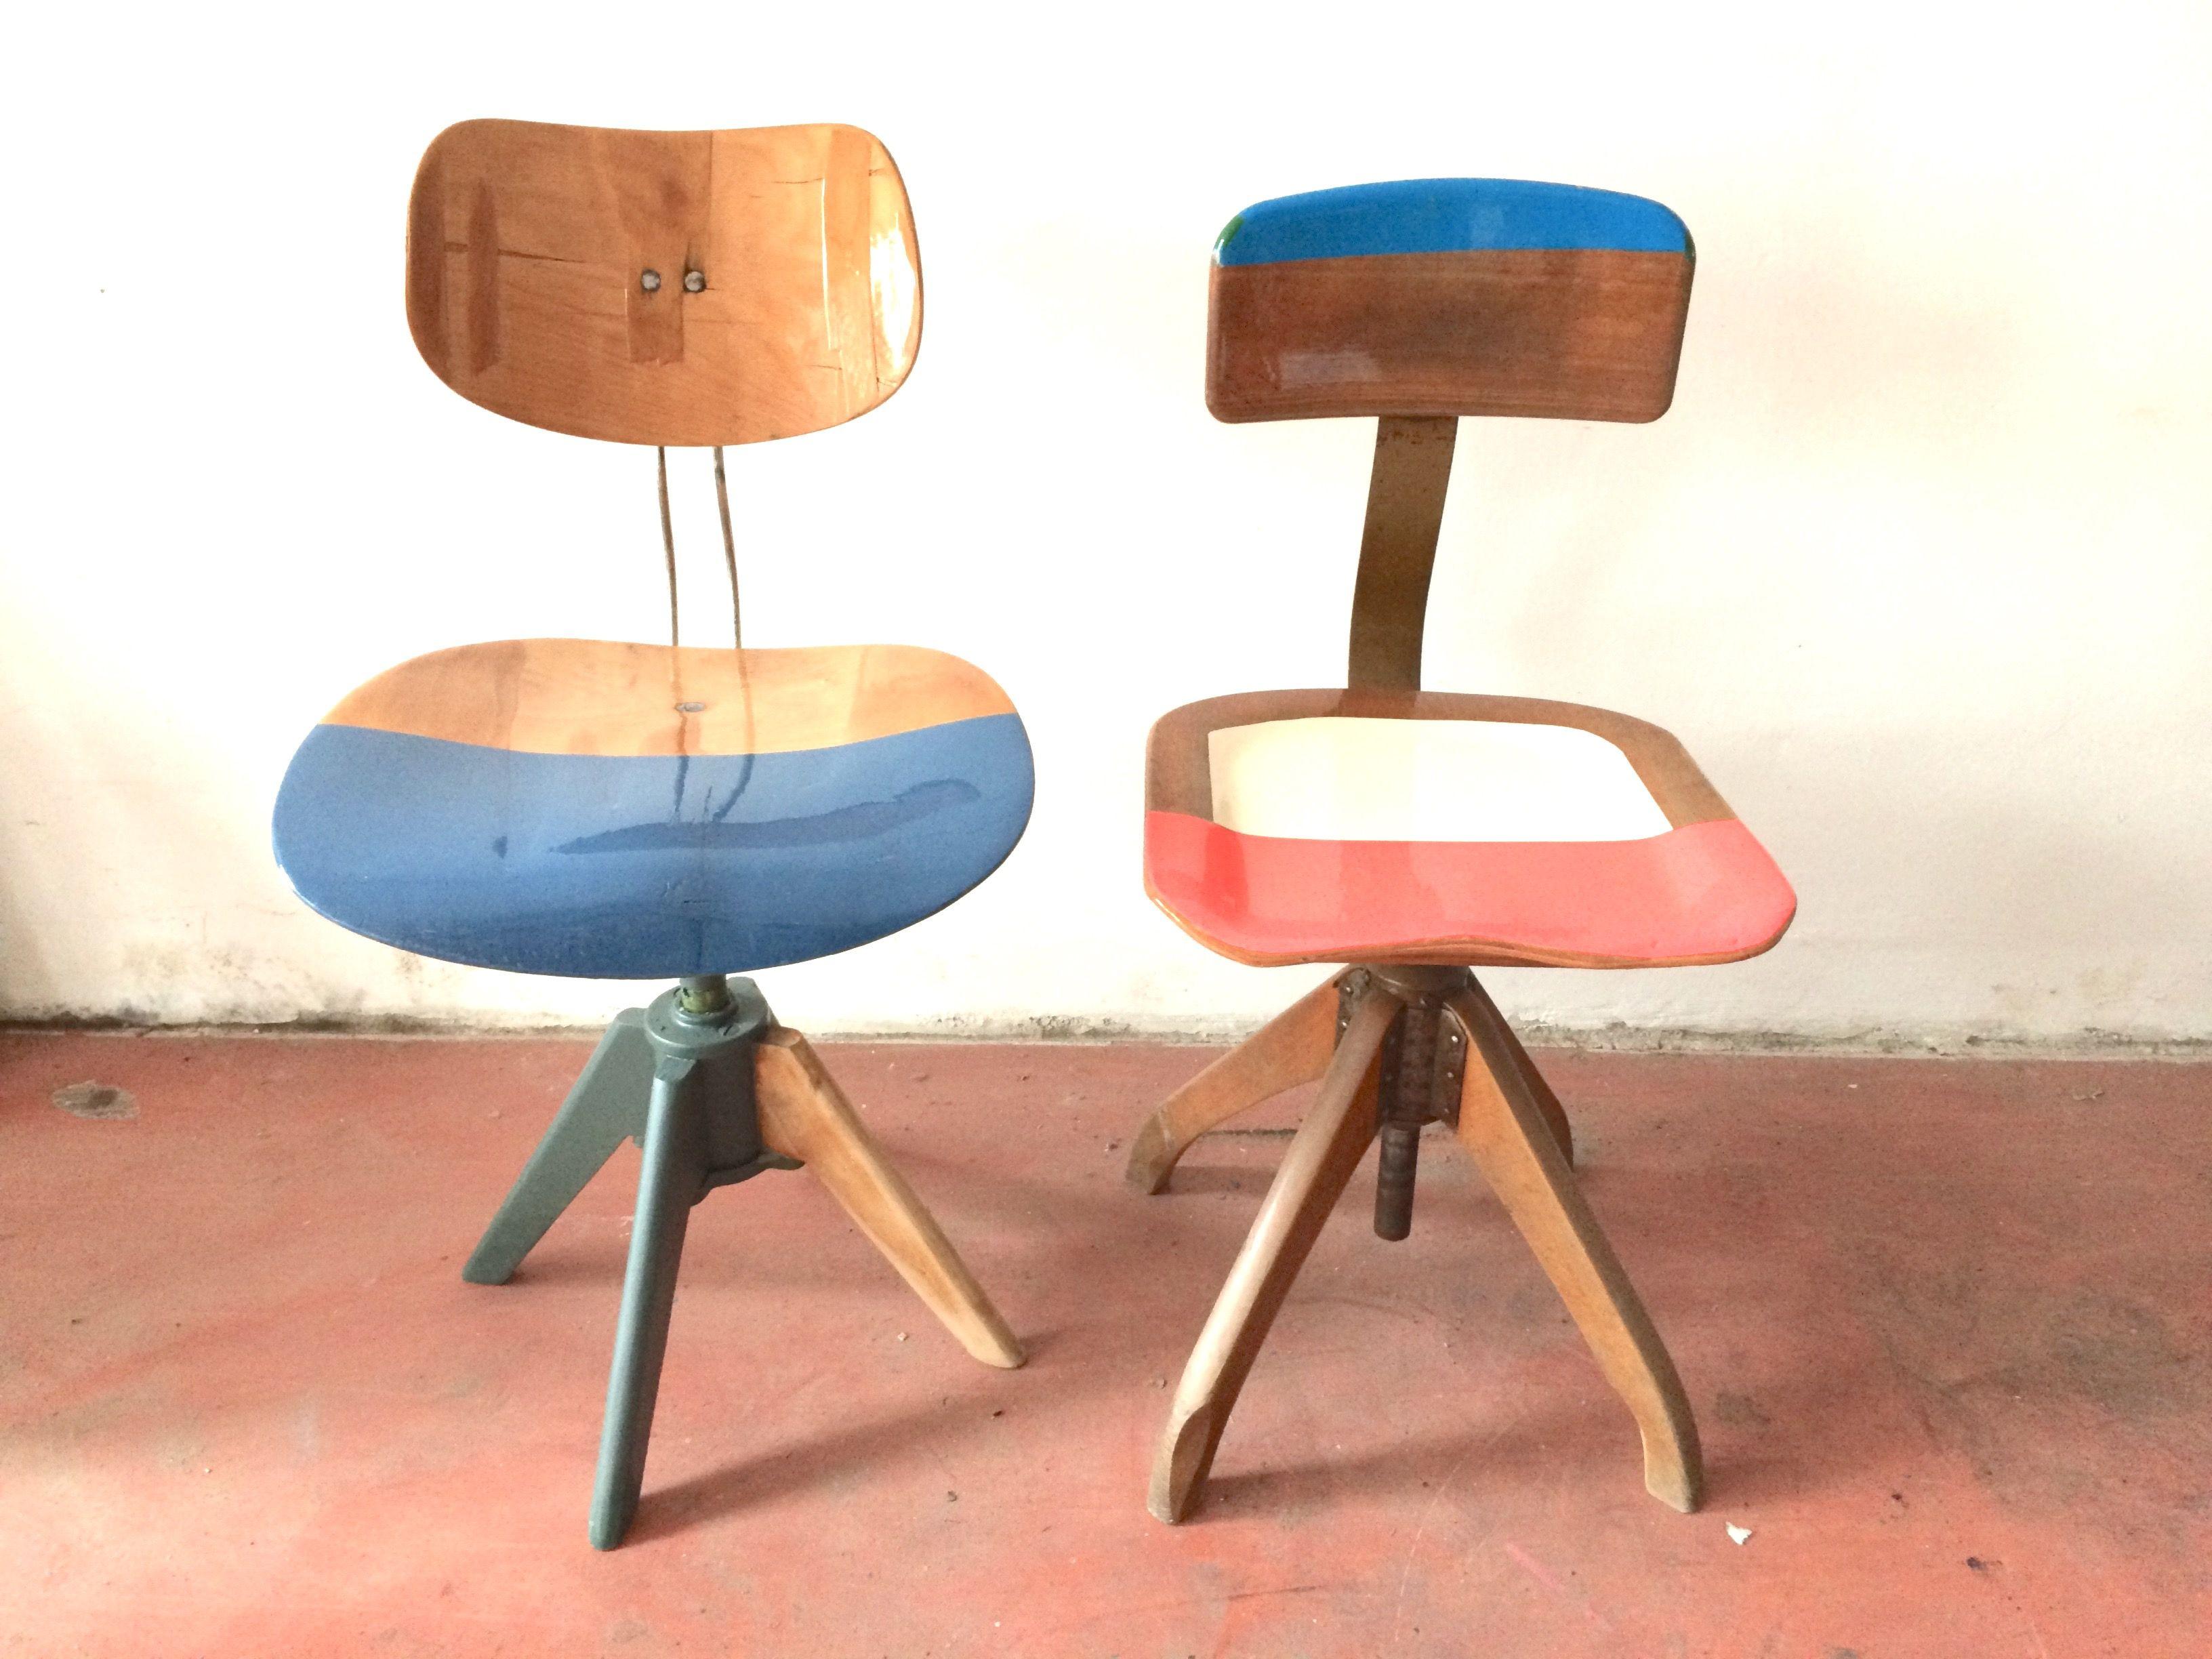 Eiermann Bauhaus Work Chairs Redone